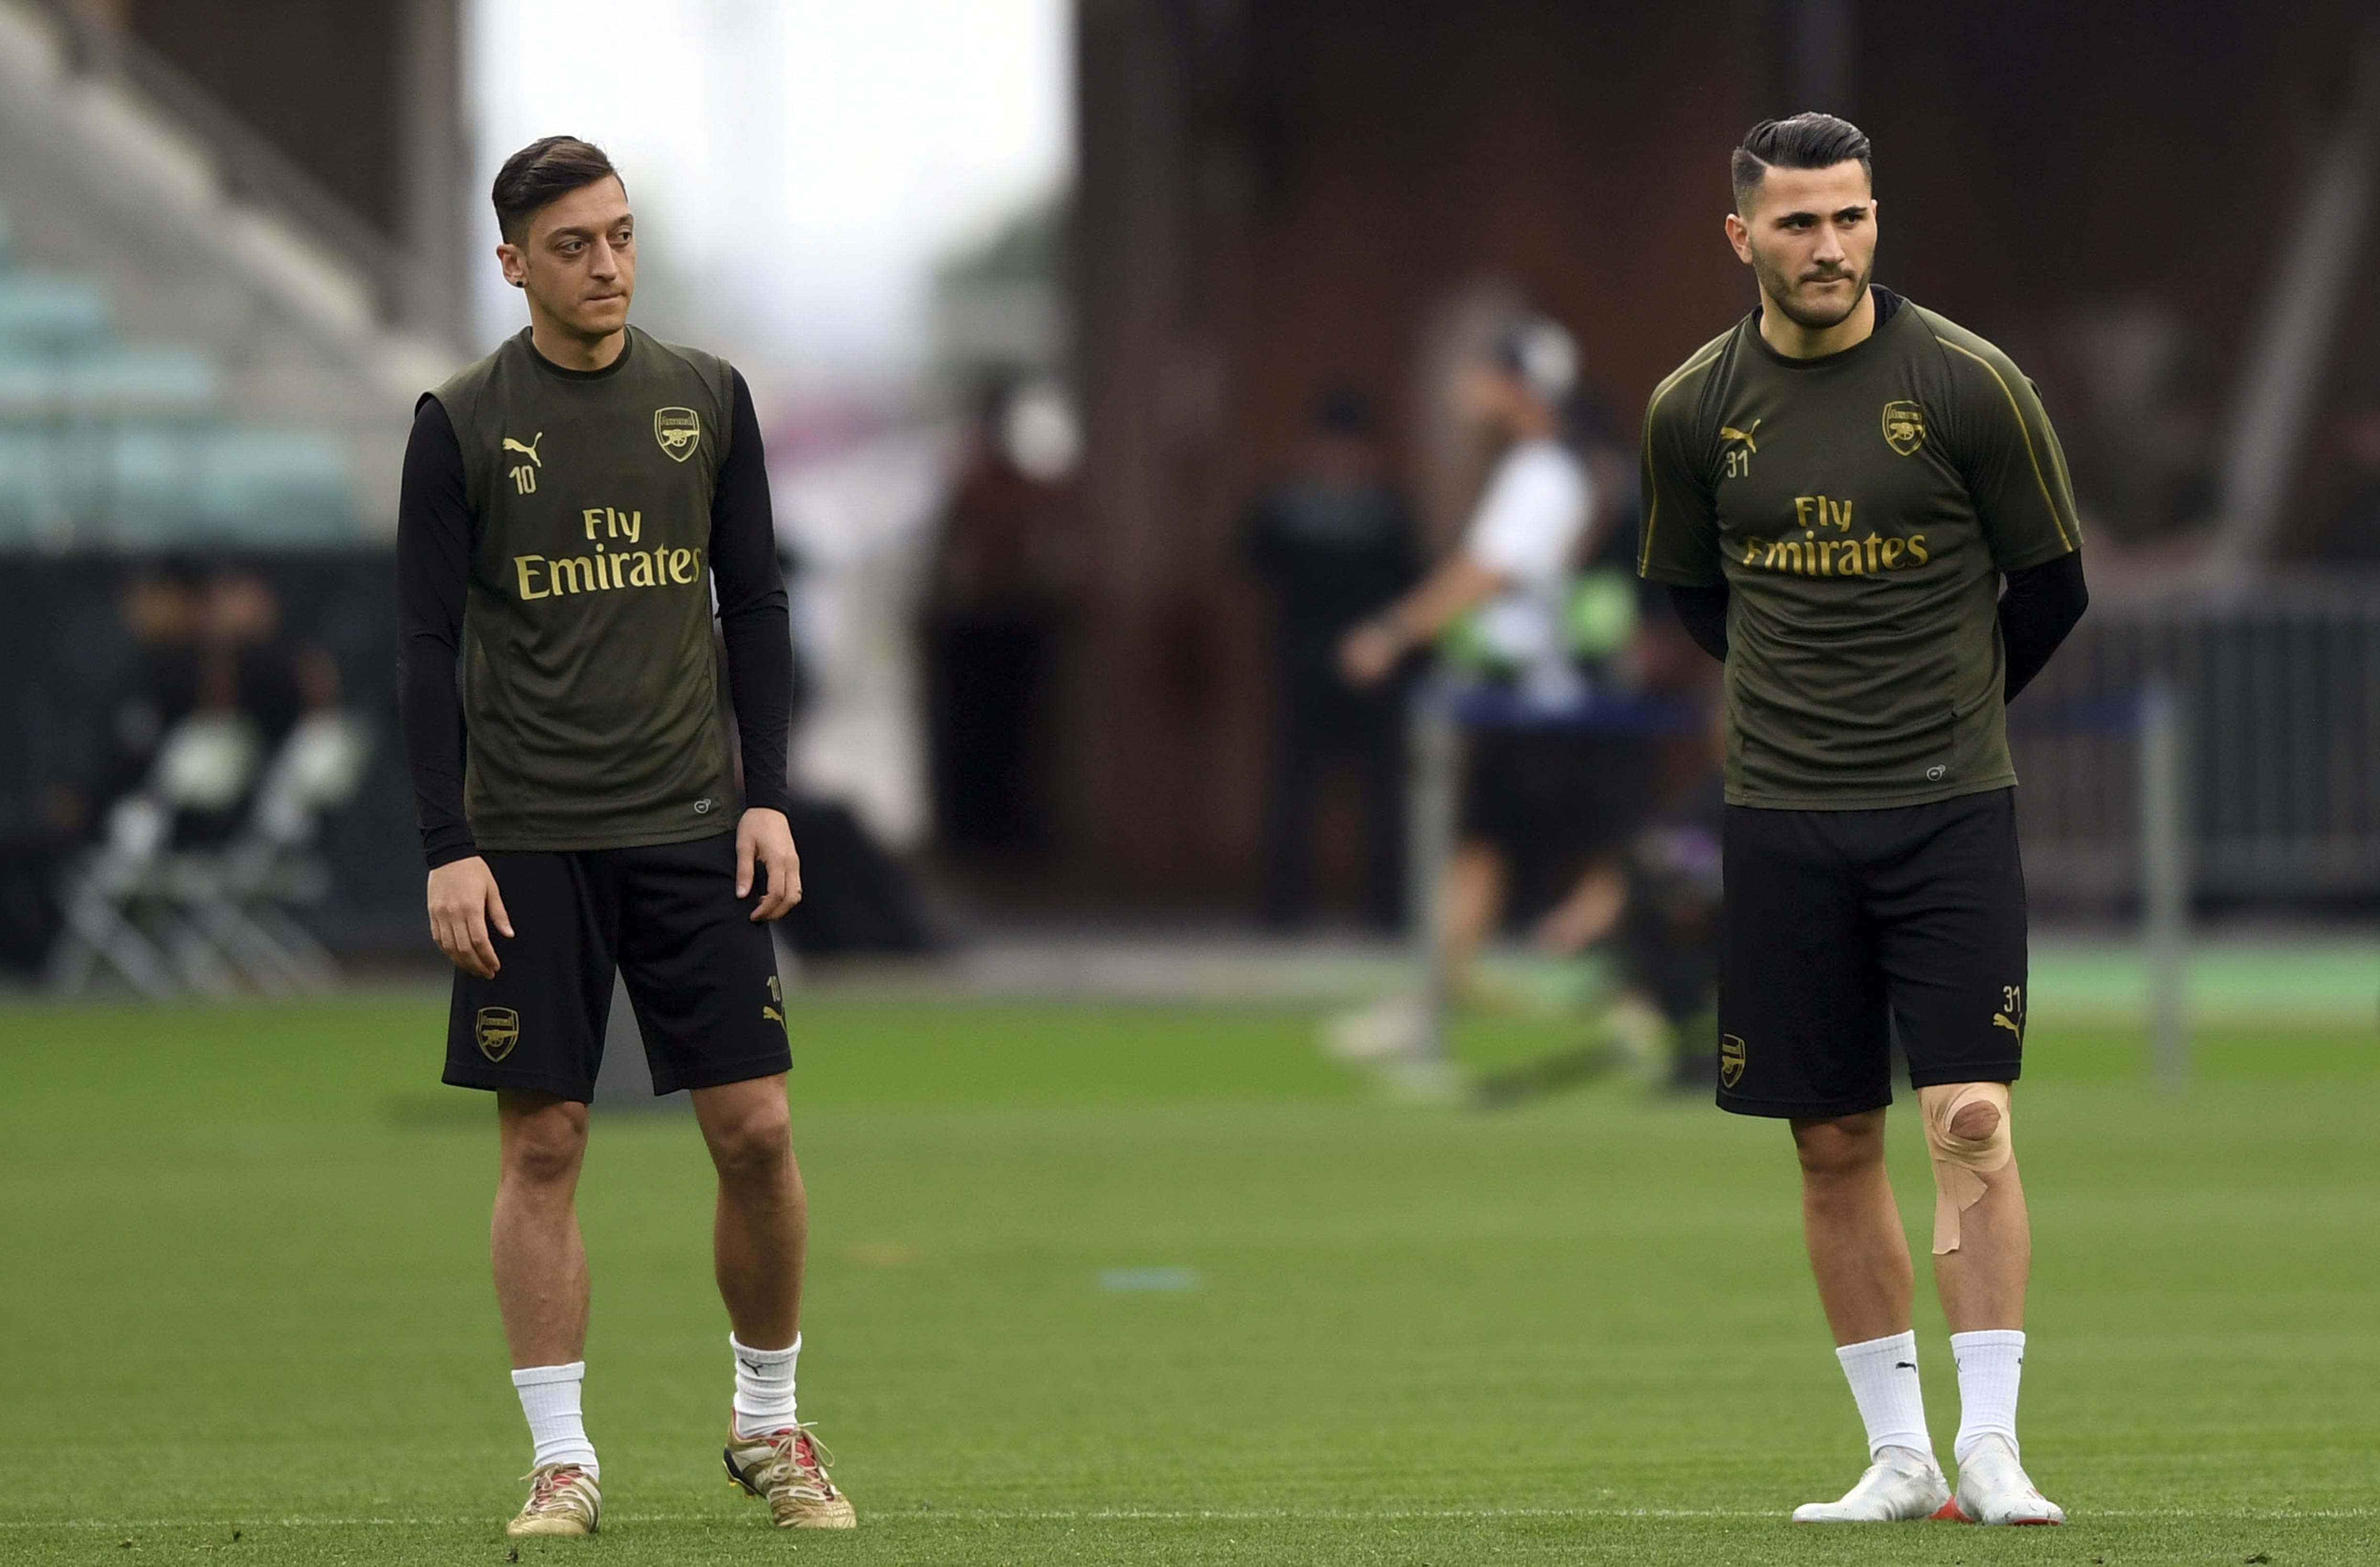 Les joueurs d'Arsenal Özil et Kolasinac au cœur d'une guerre de gangs ?